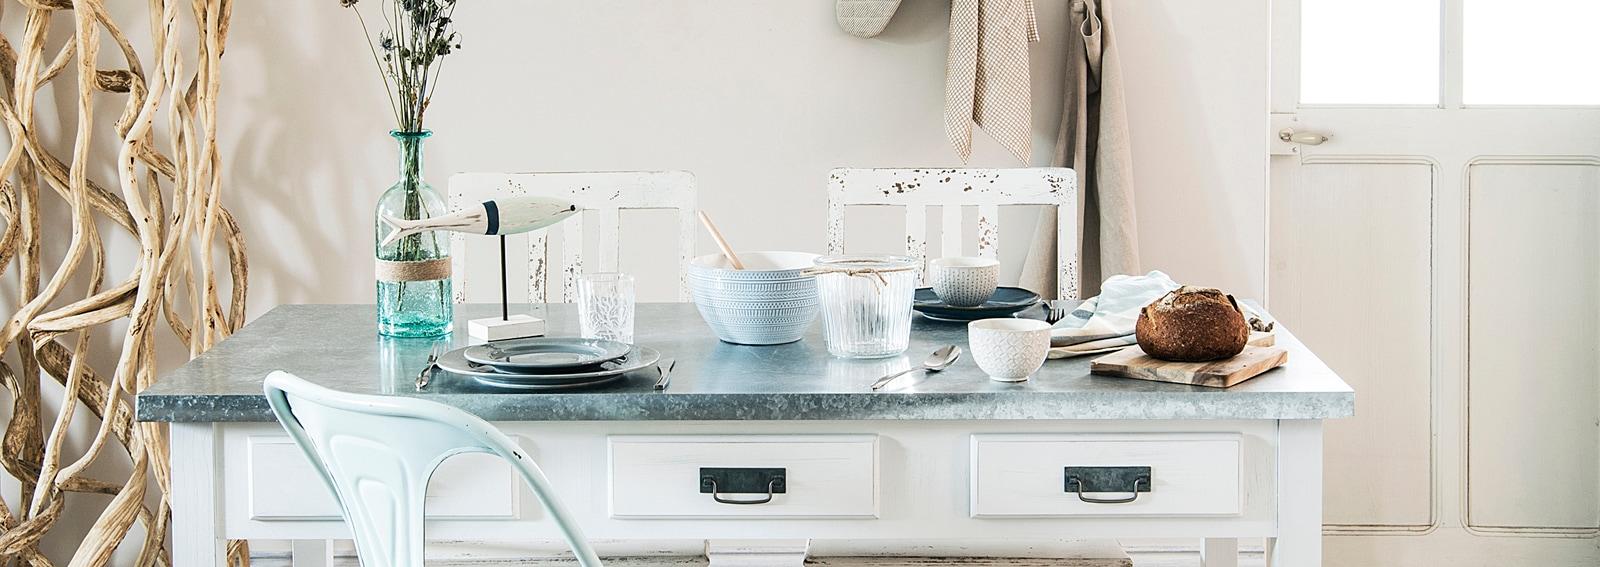 Come arredare la sala da pranzo in stile shabby chic for Arredare la sala